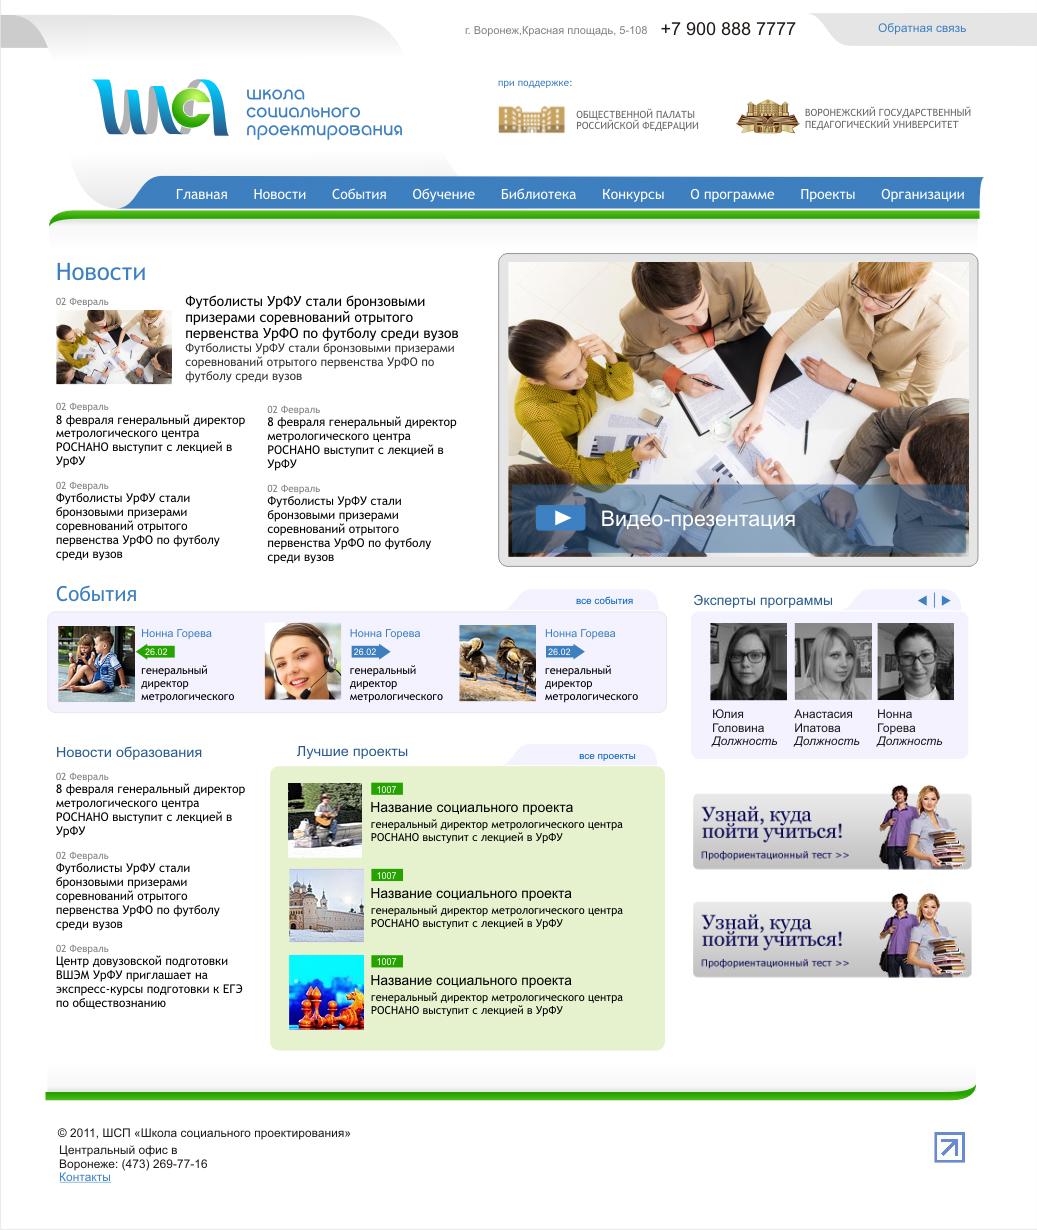 шсп. дизайн сайта